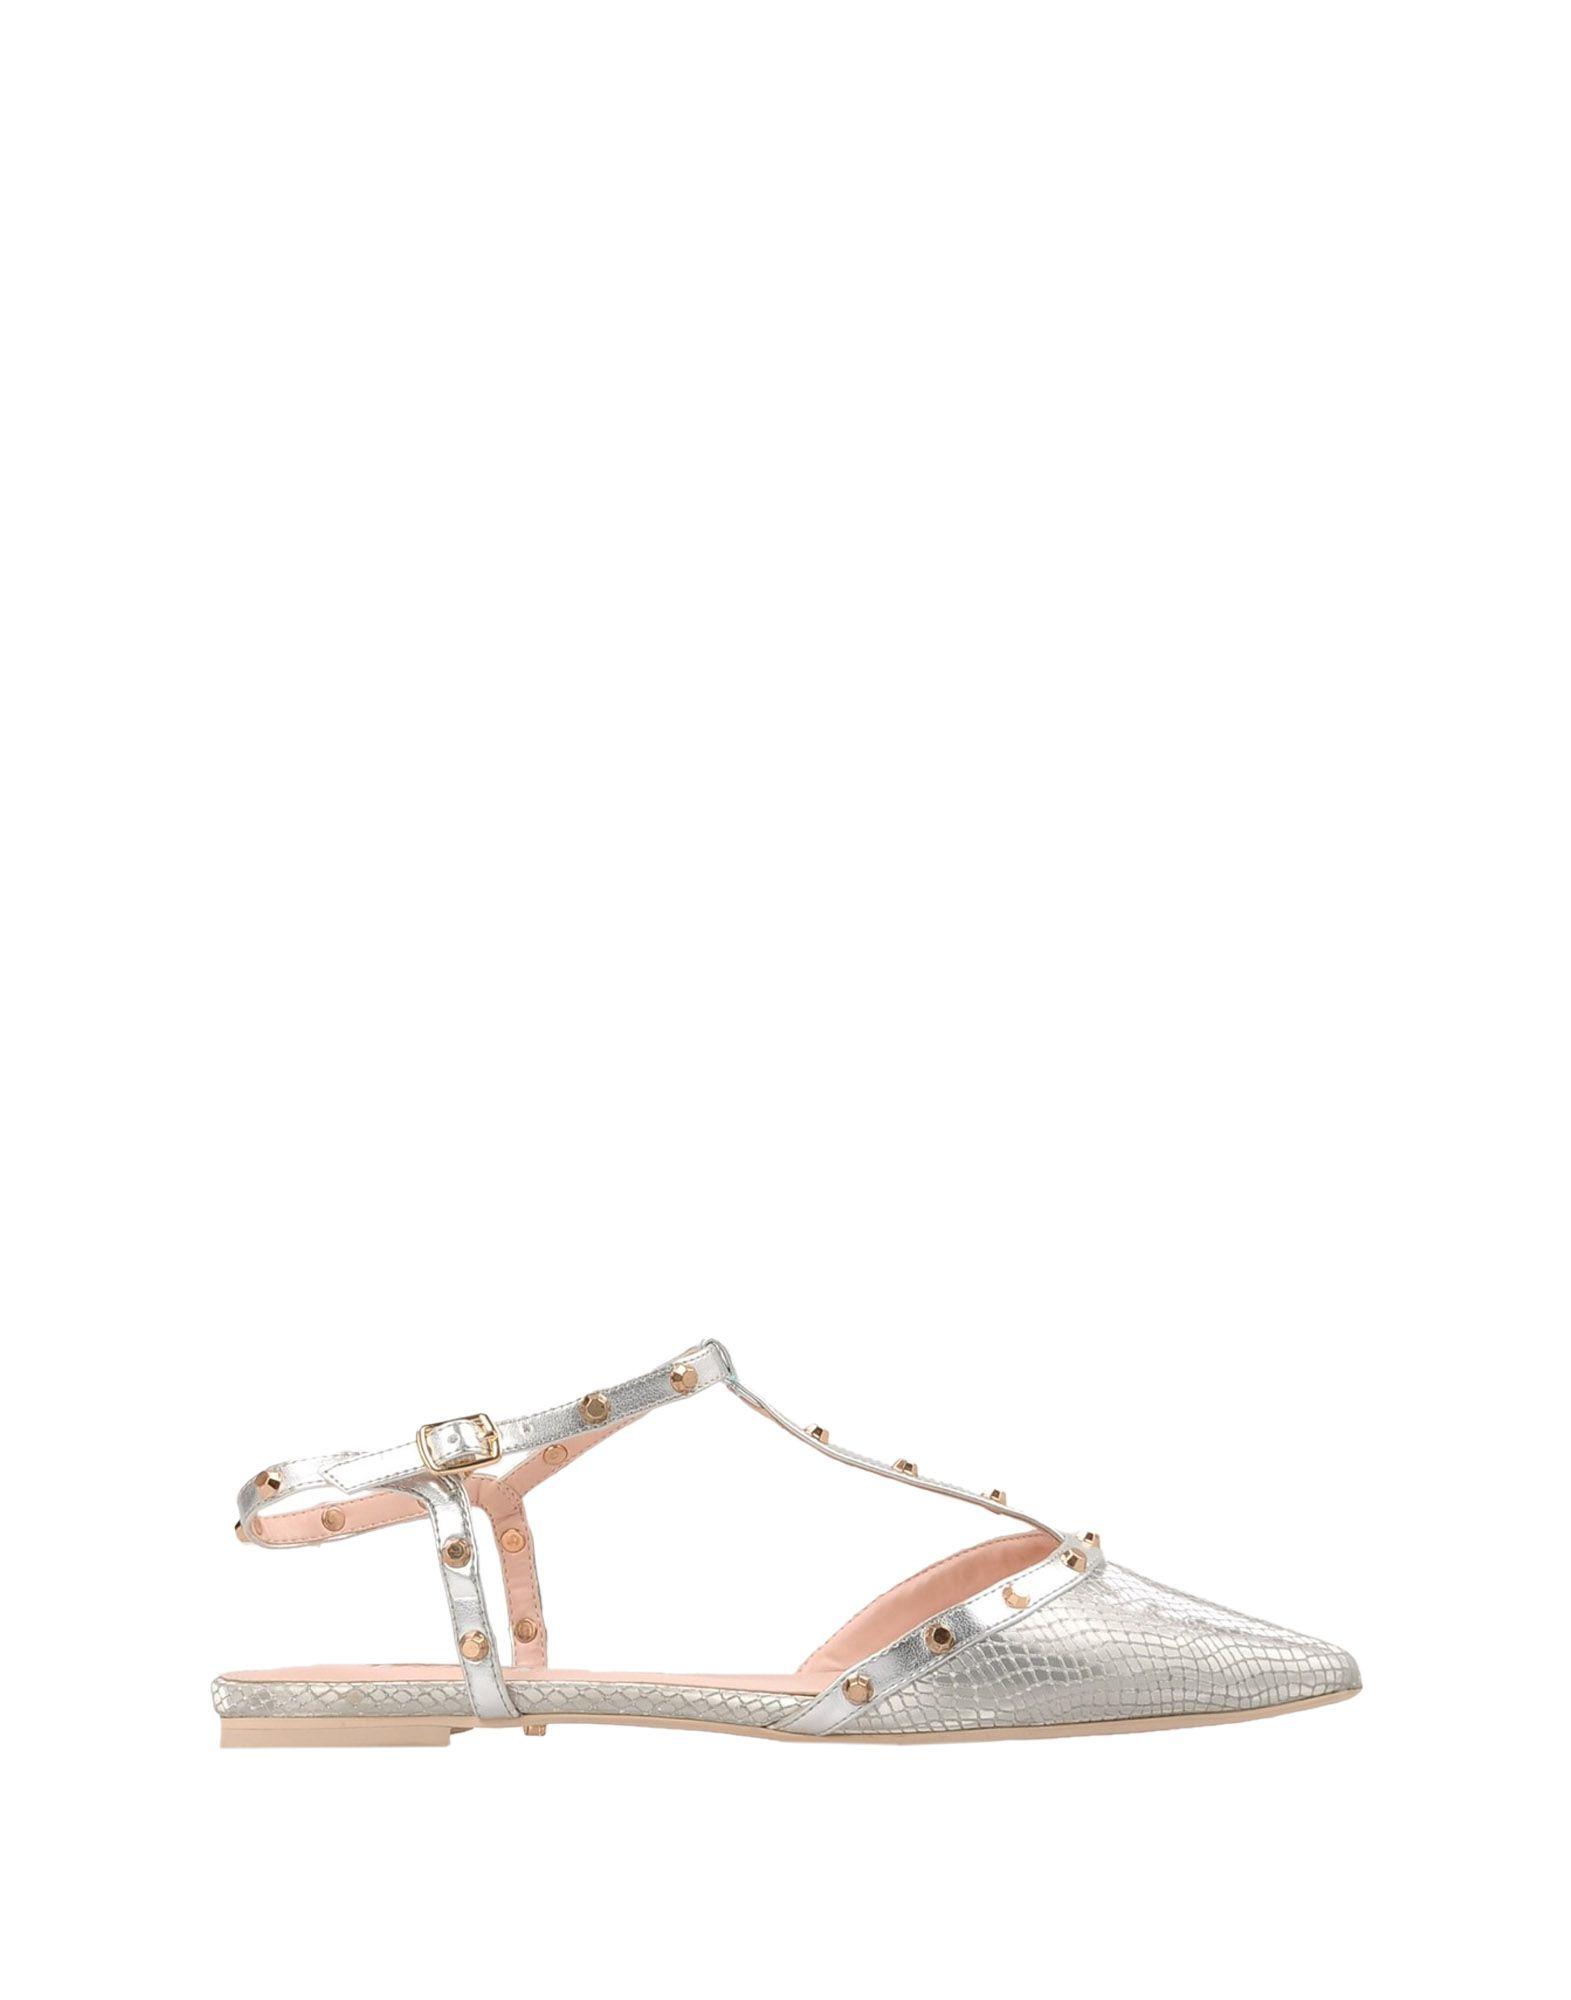 Dune London Ballerinas Damen beliebte  11419944WE Gute Qualität beliebte Damen Schuhe 6e20f7